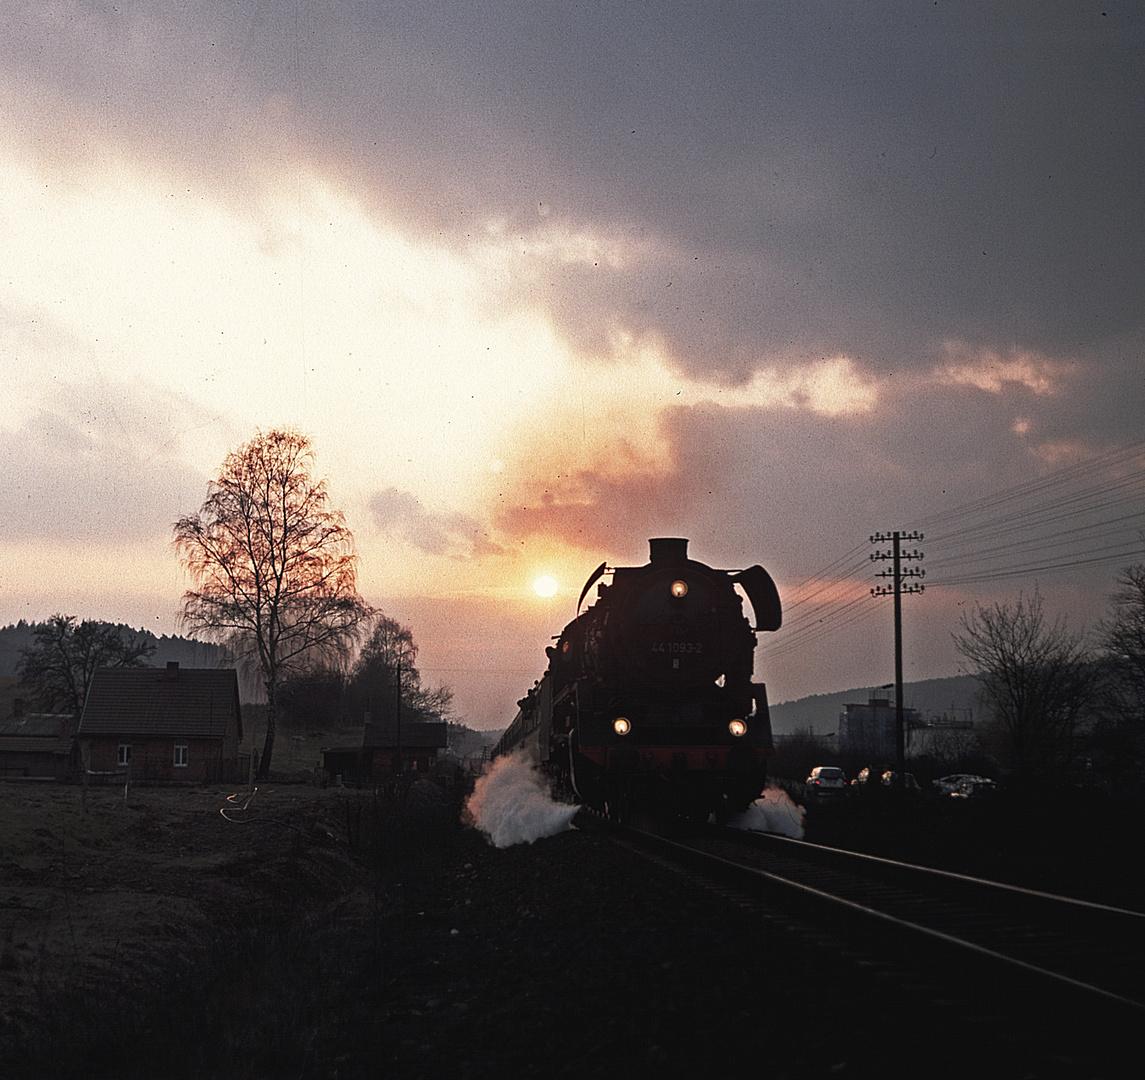 Eine Güterzugdampflok befördert einen Schnellzug